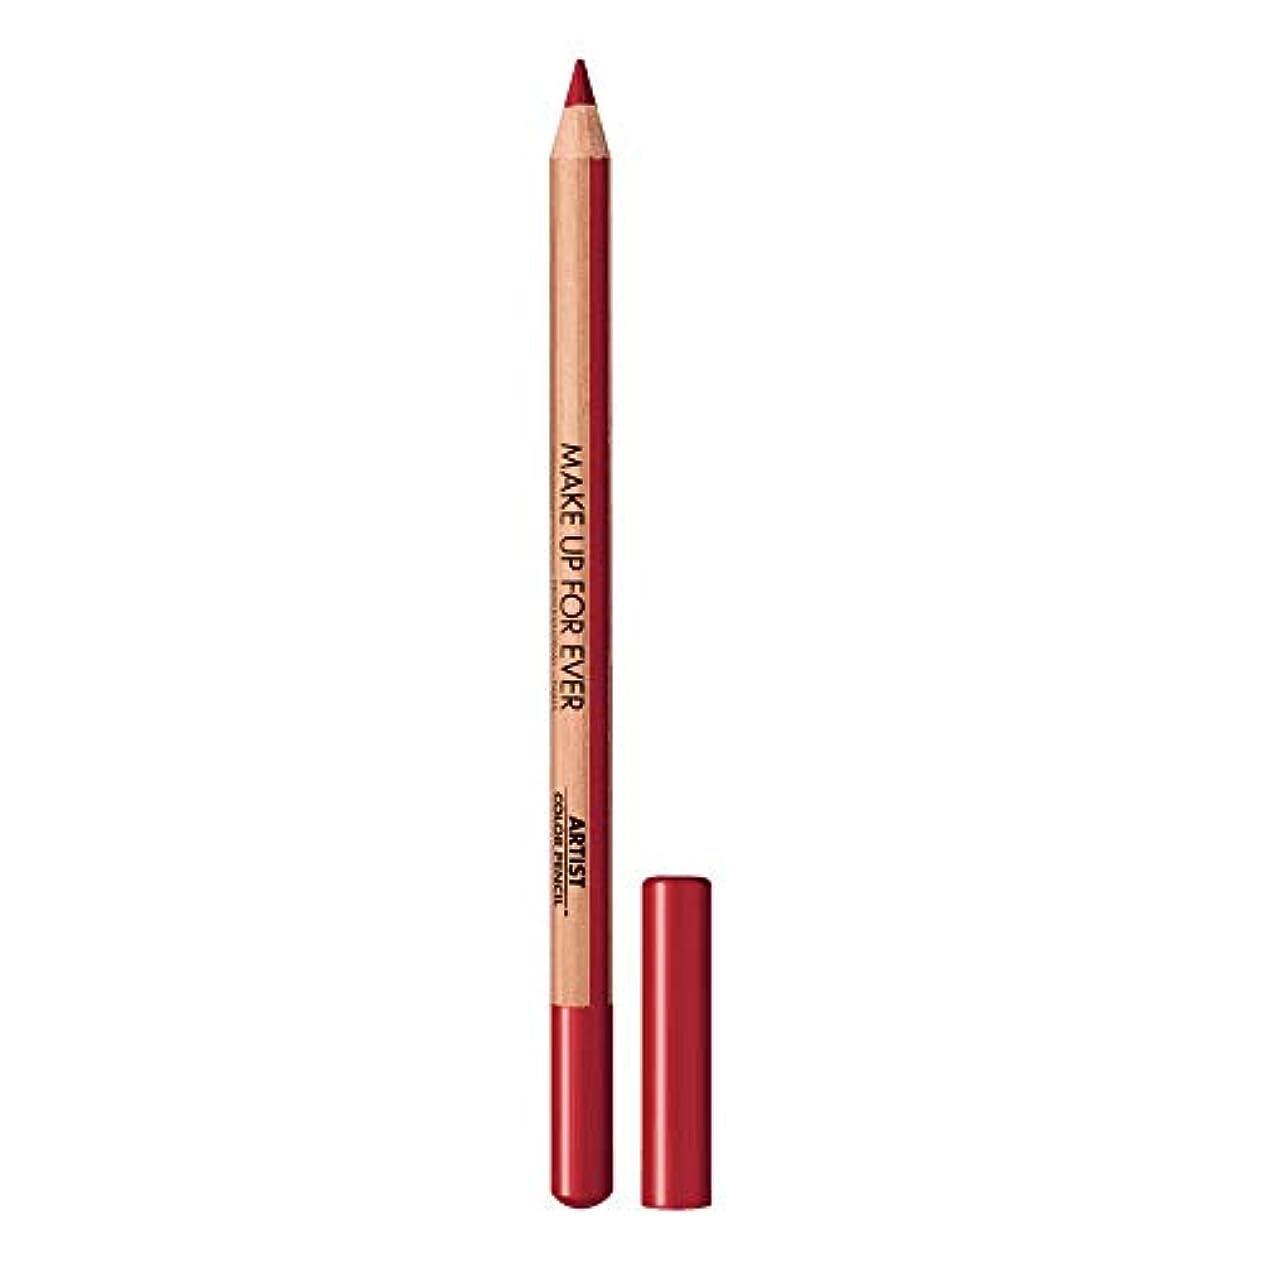 有用爵説得メイクアップフォーエバー Artist Color Pencil - # 712 Either Cherry 1.41g/0.04oz並行輸入品